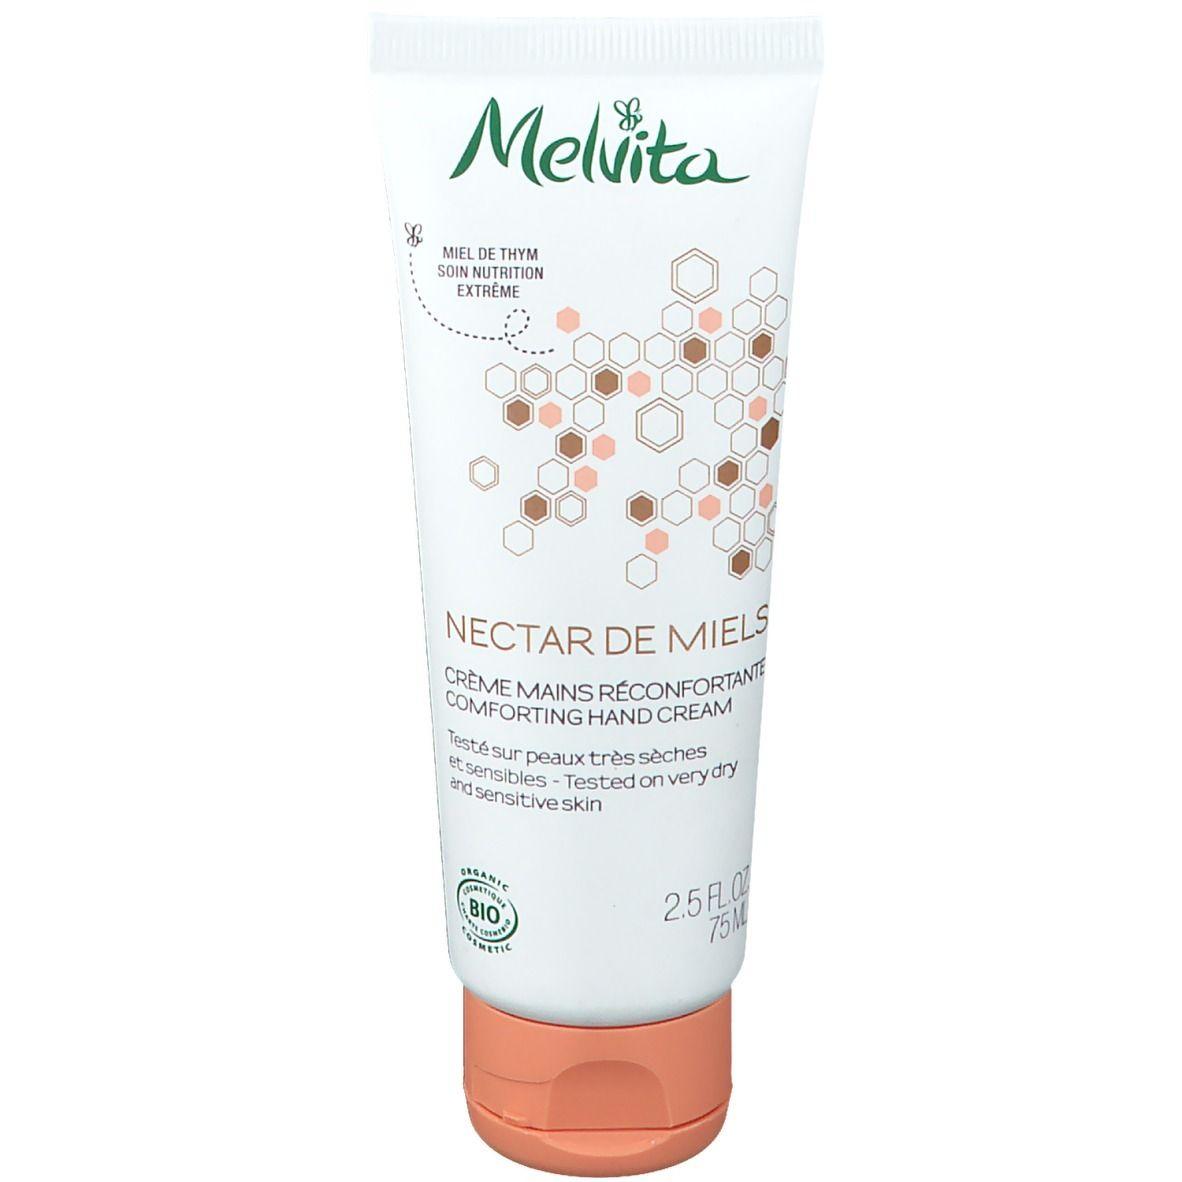 Melvita Nectar de Miels Crème Mains au Miel Bio ml crème